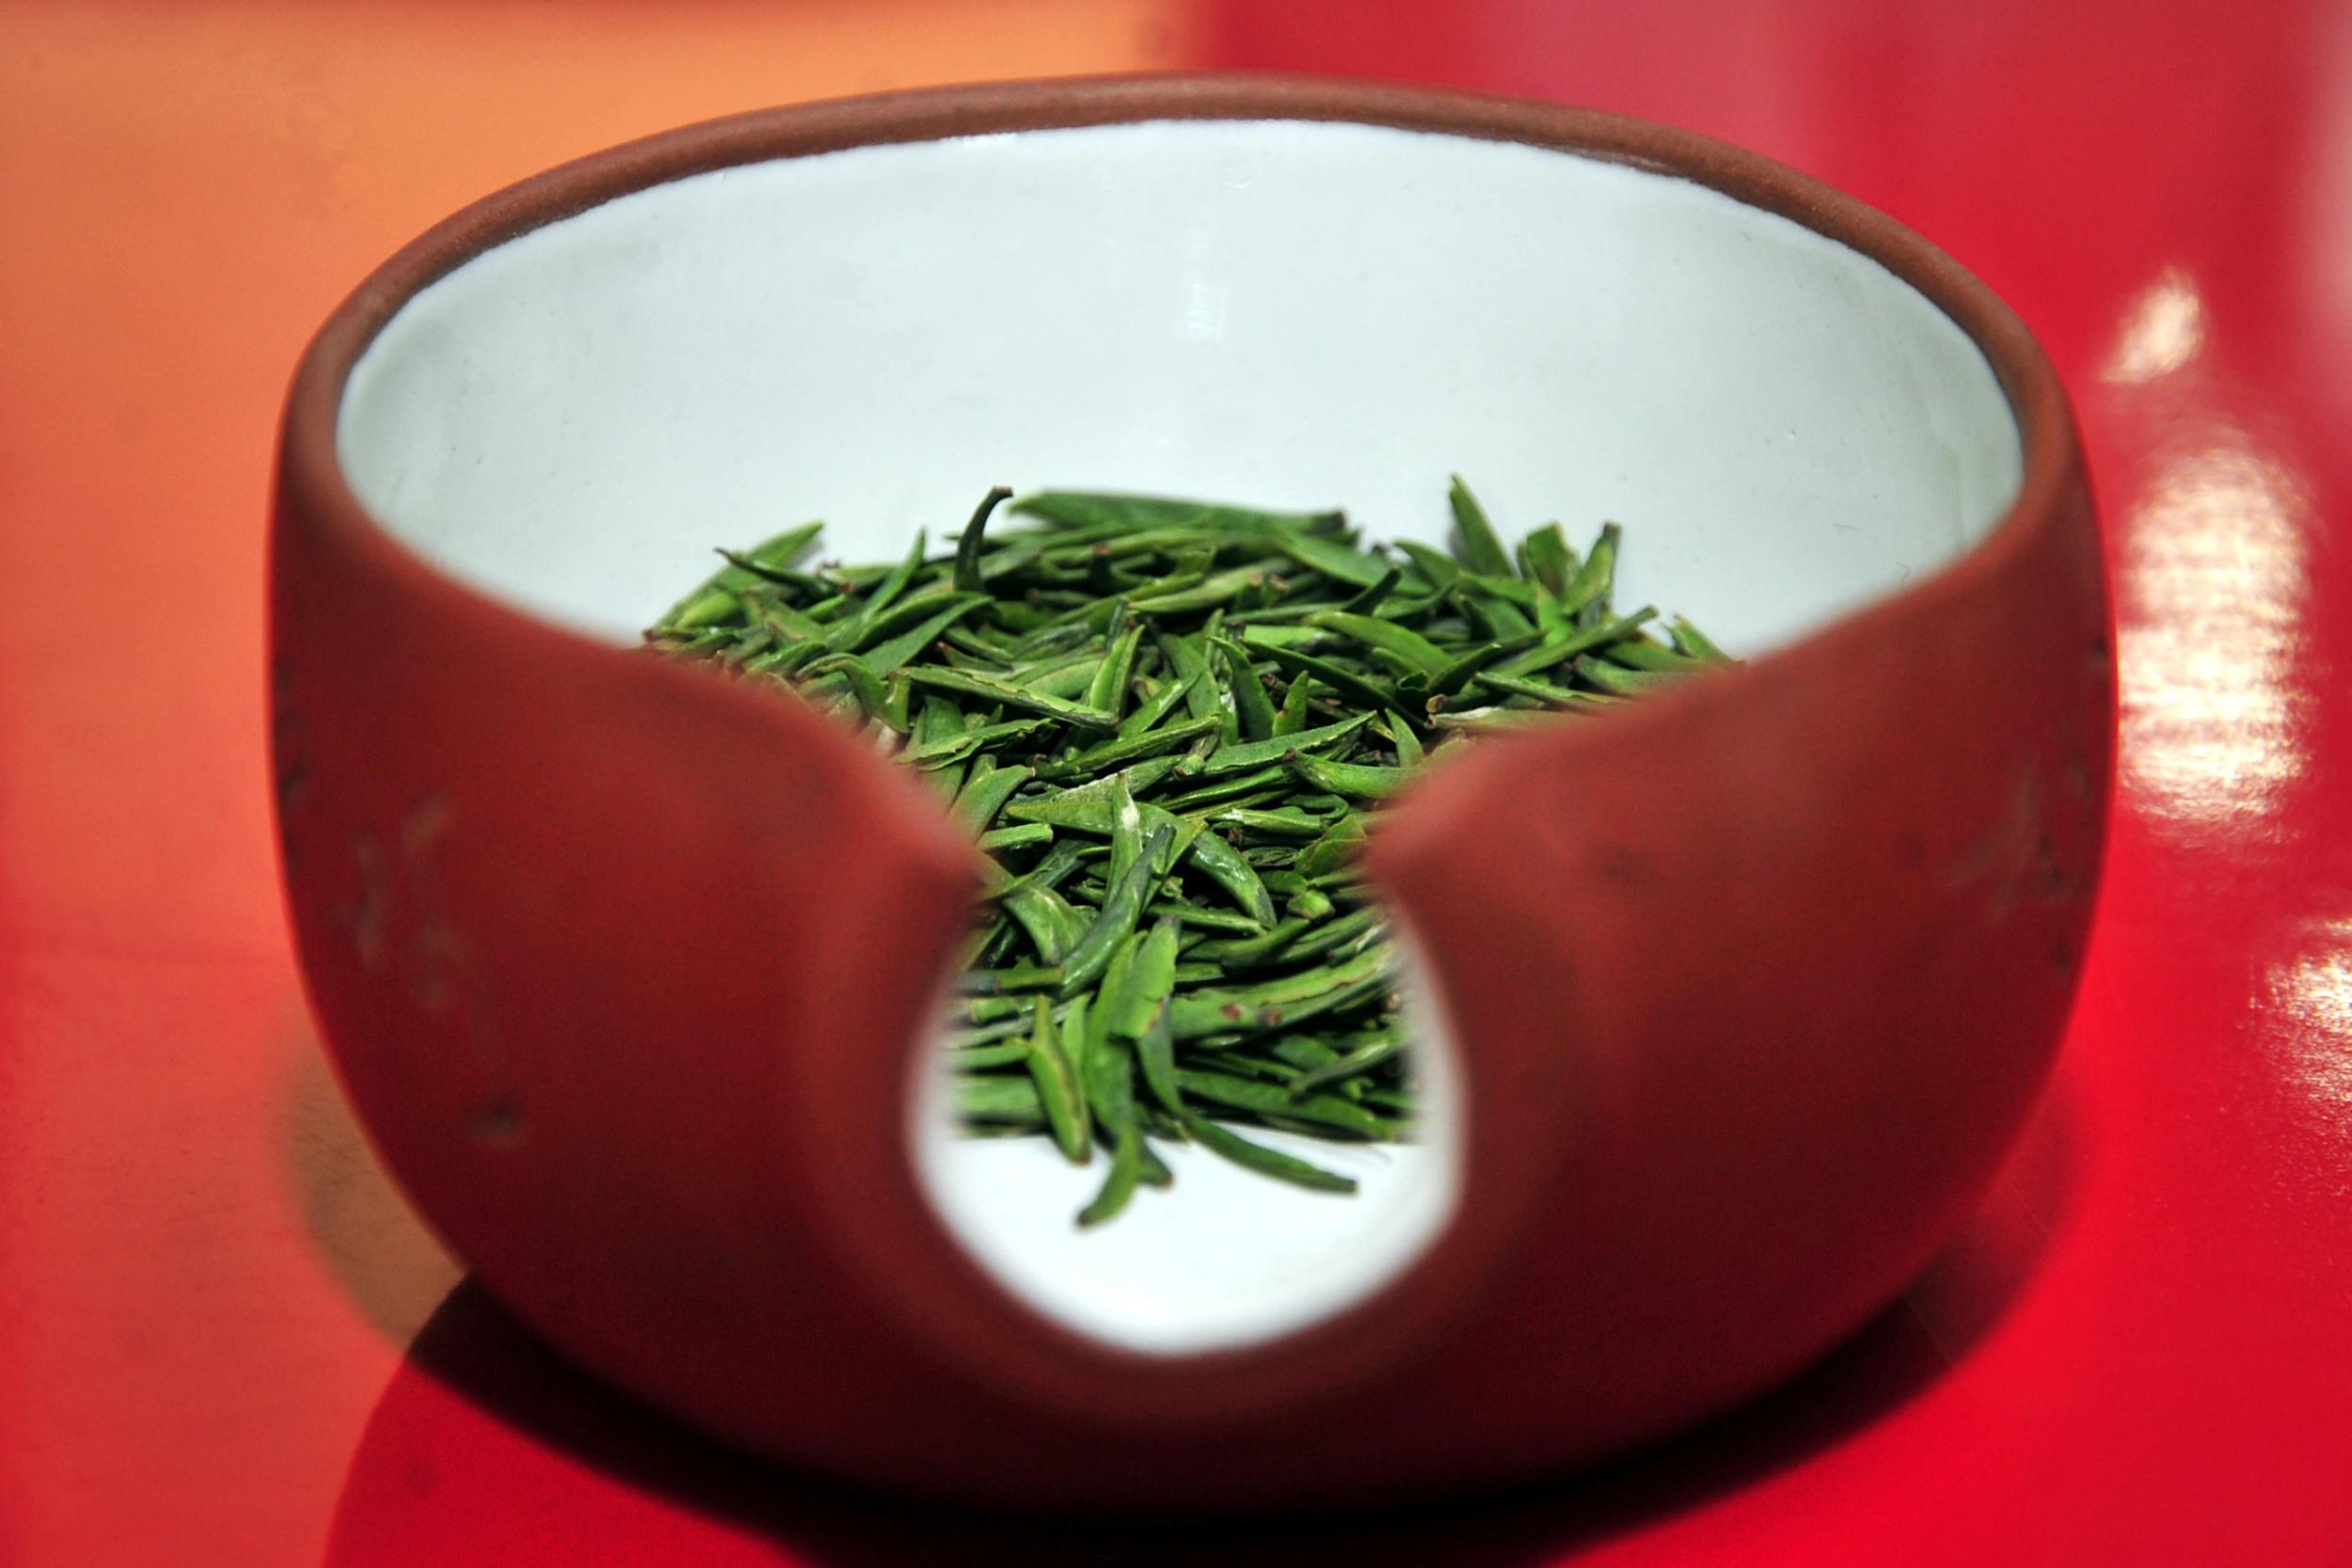 每天喝多少绿茶才有健康效应?